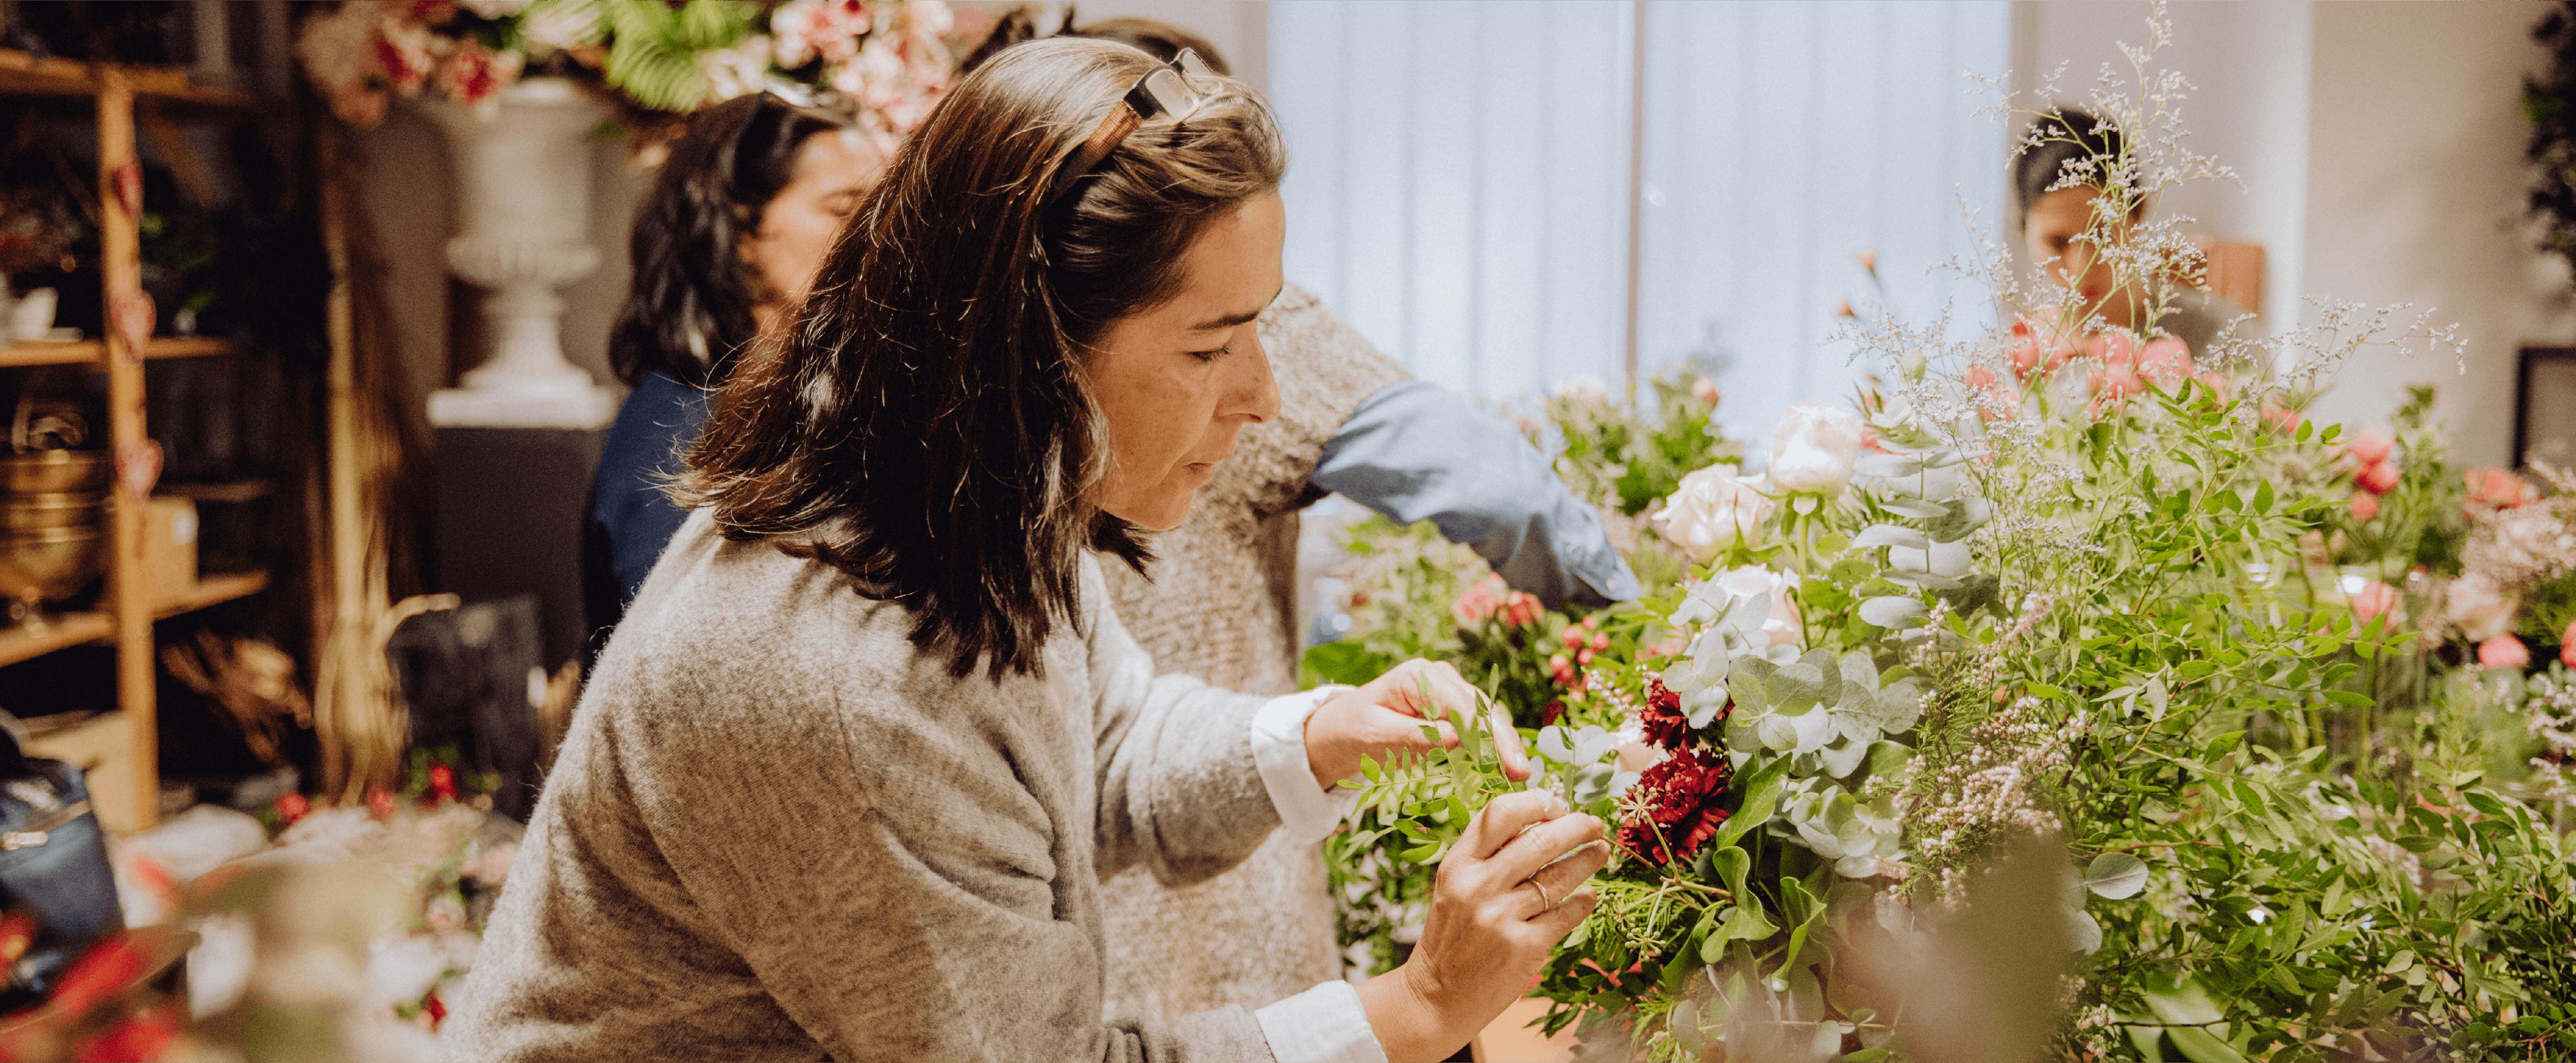 Arbolande-taller-disfruta-entre-flores-centro-silvestre